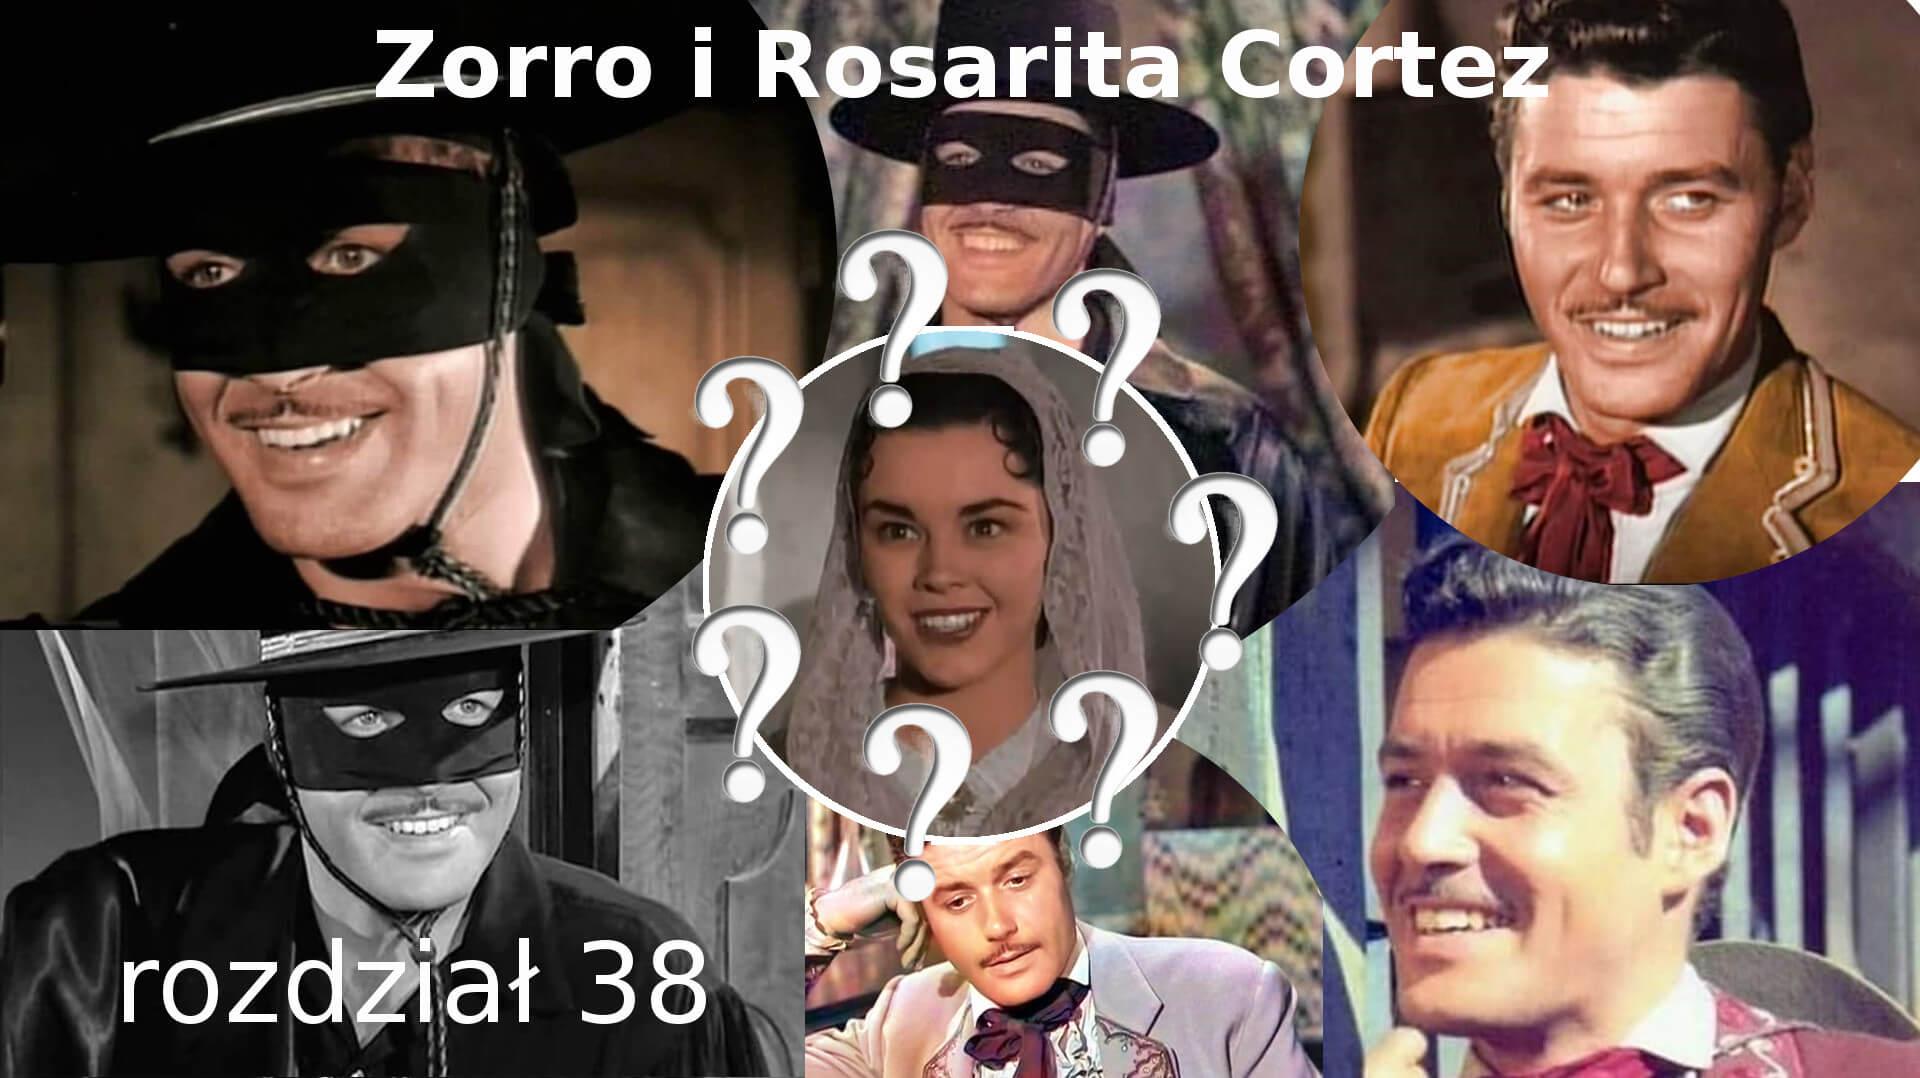 Zorro i Rosarita Cortez rozdział 38 Walt Disney Zorro fanfiction